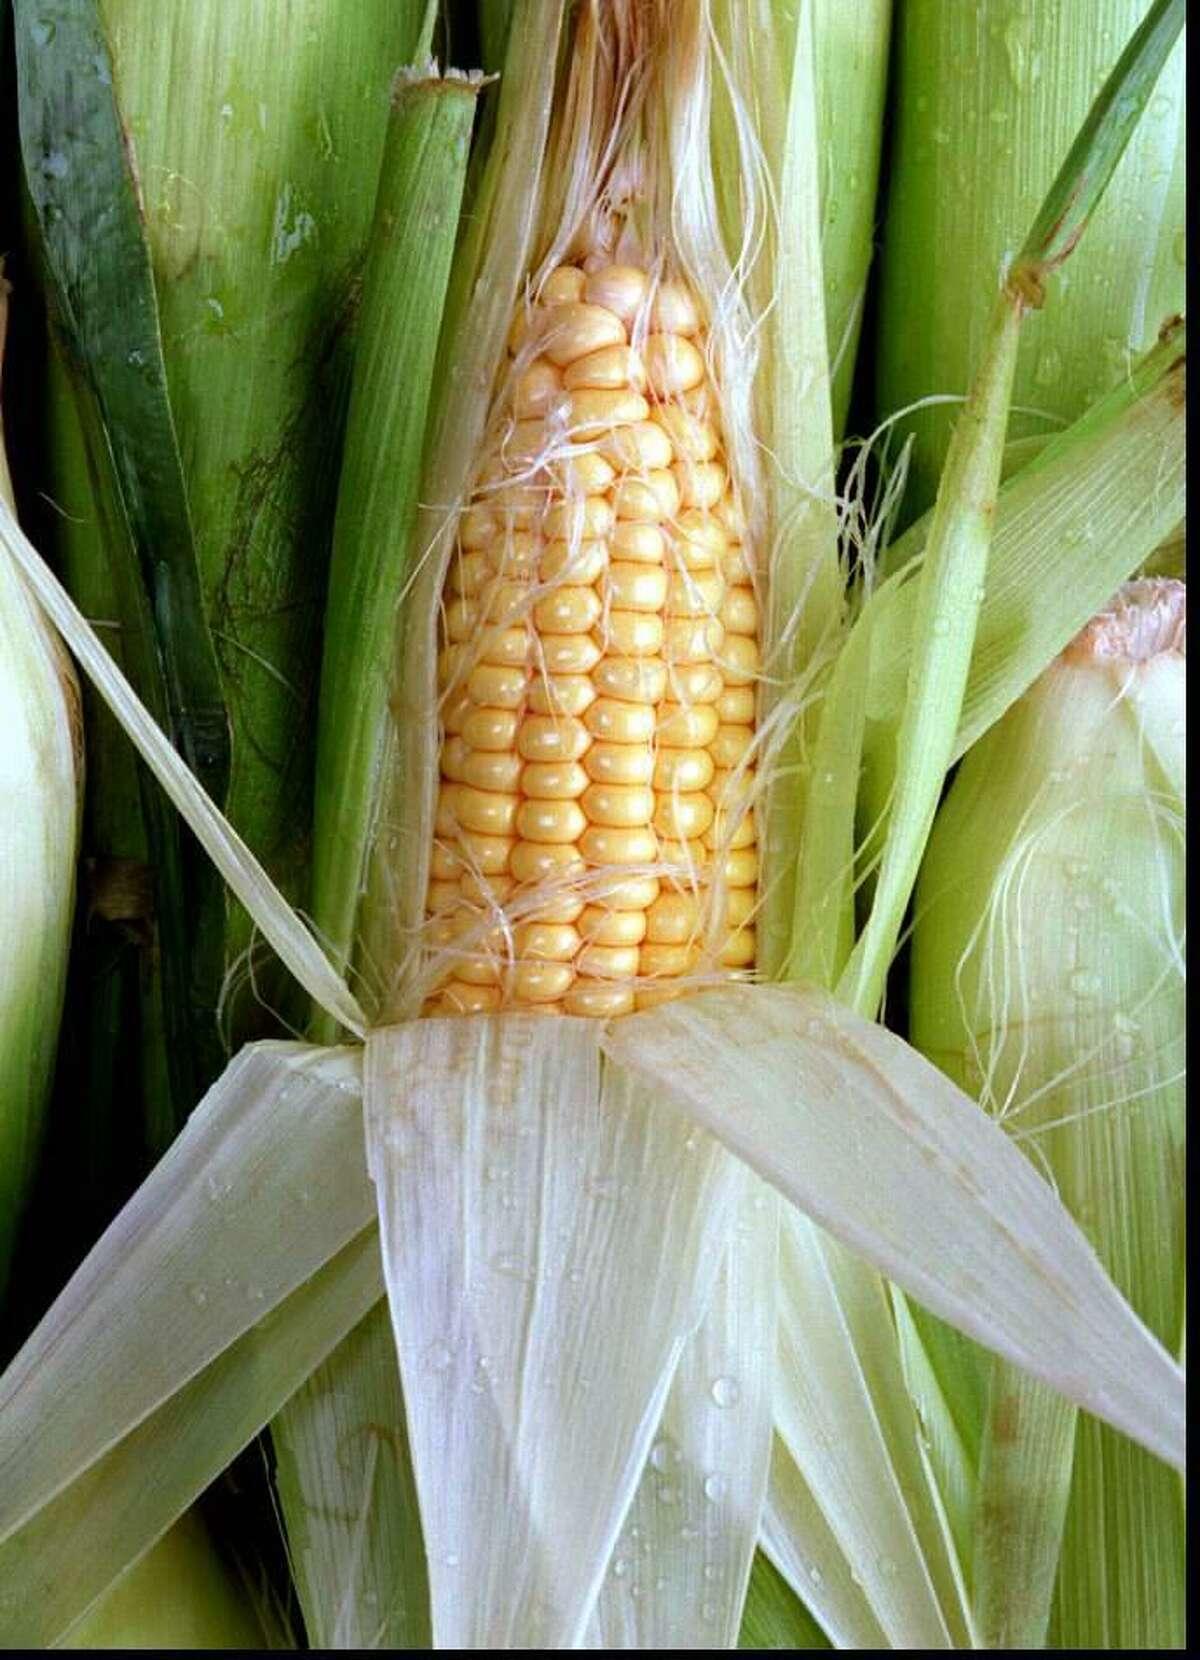 Corn on the cob. .